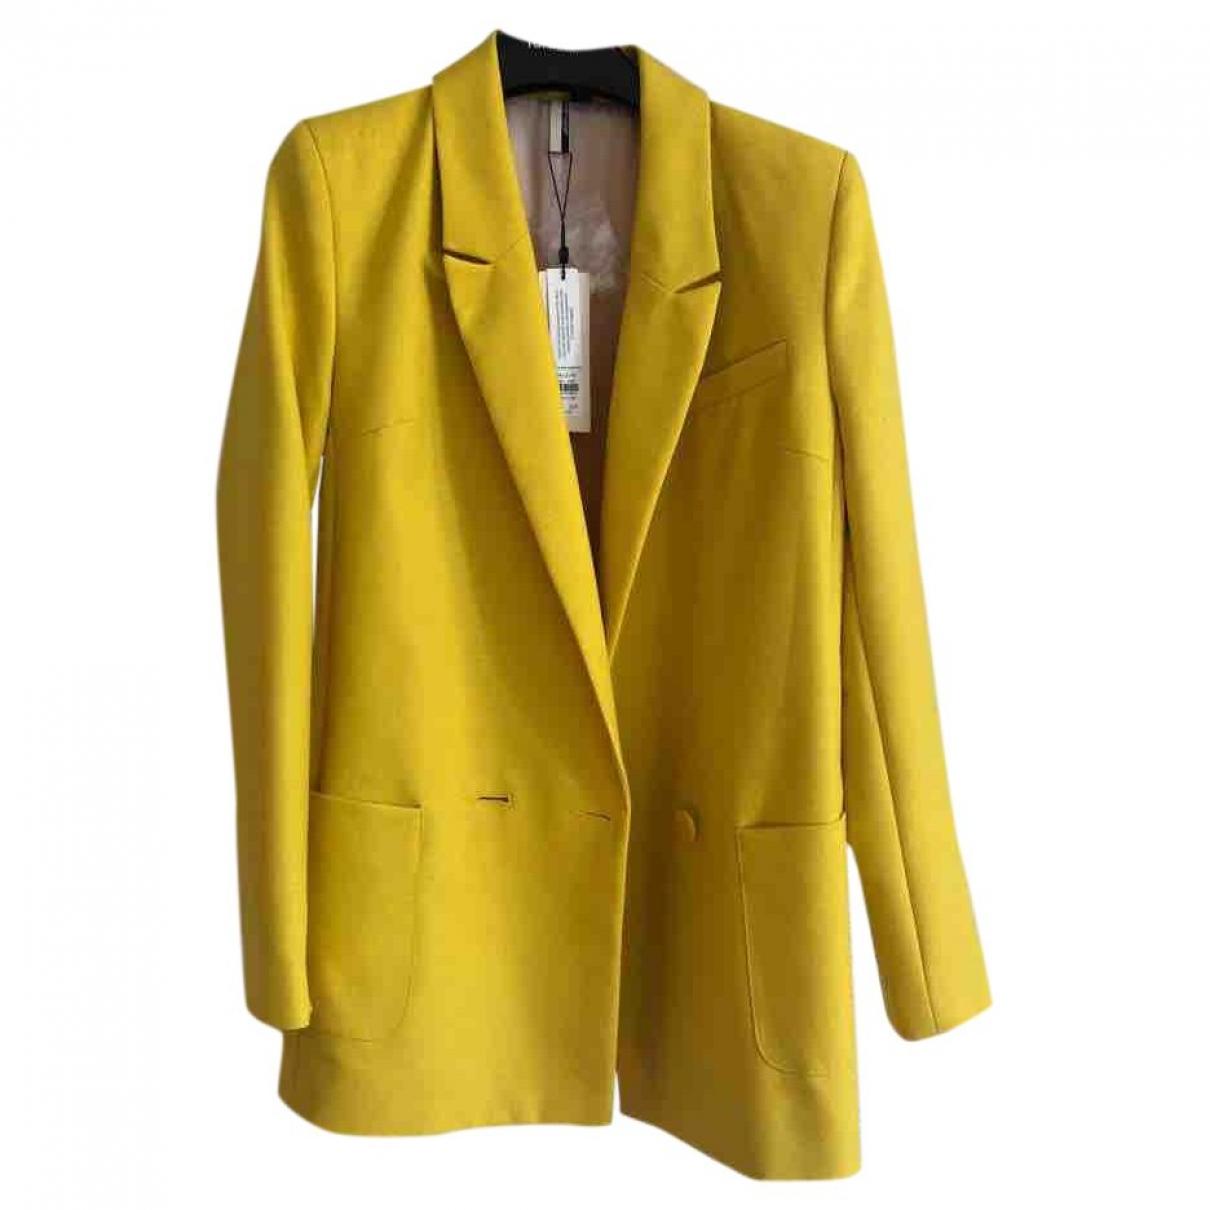 Topshop - Veste   pour femme - jaune